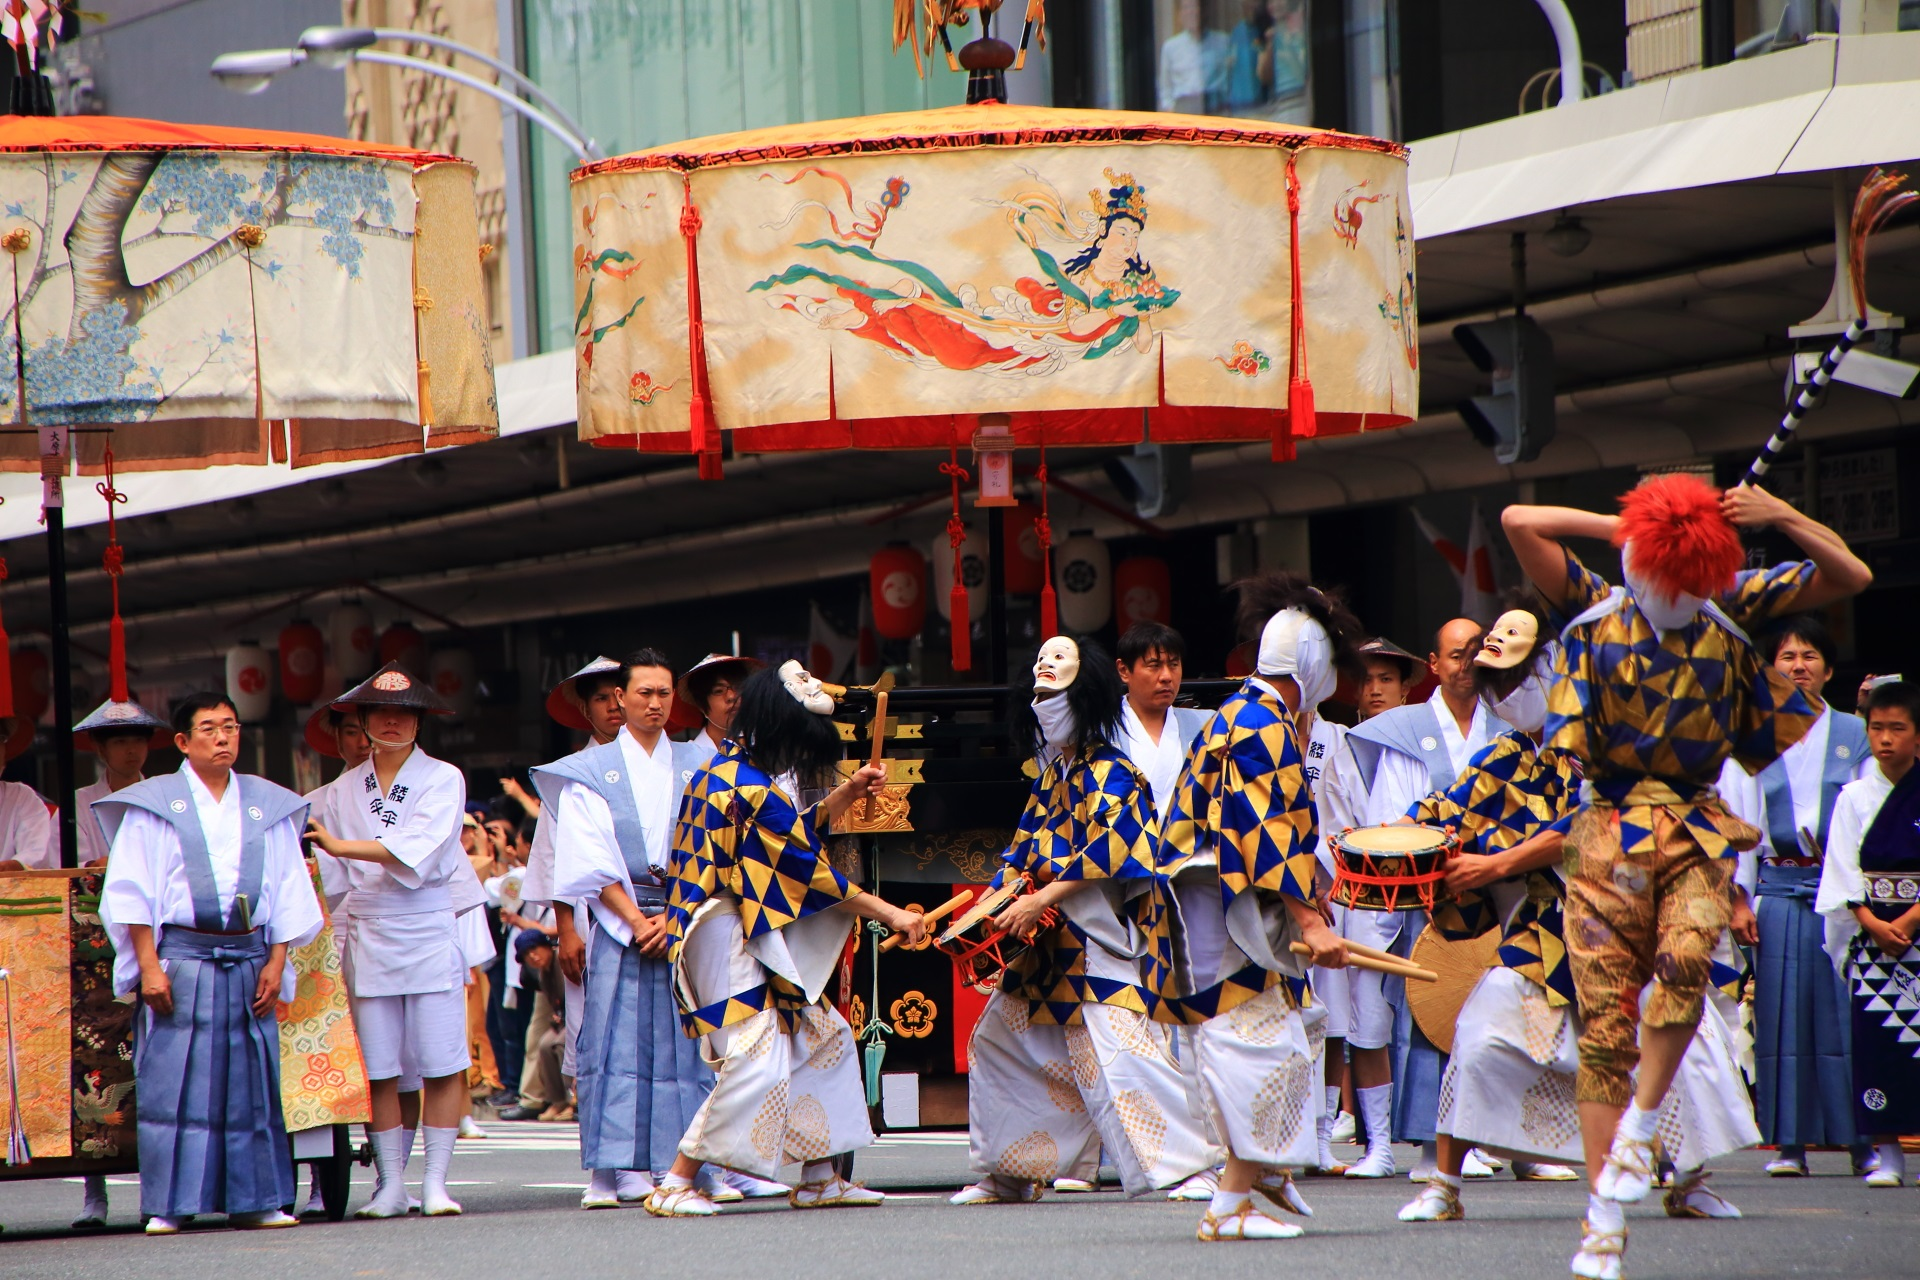 綾傘鉾の棒振り囃子の踊り